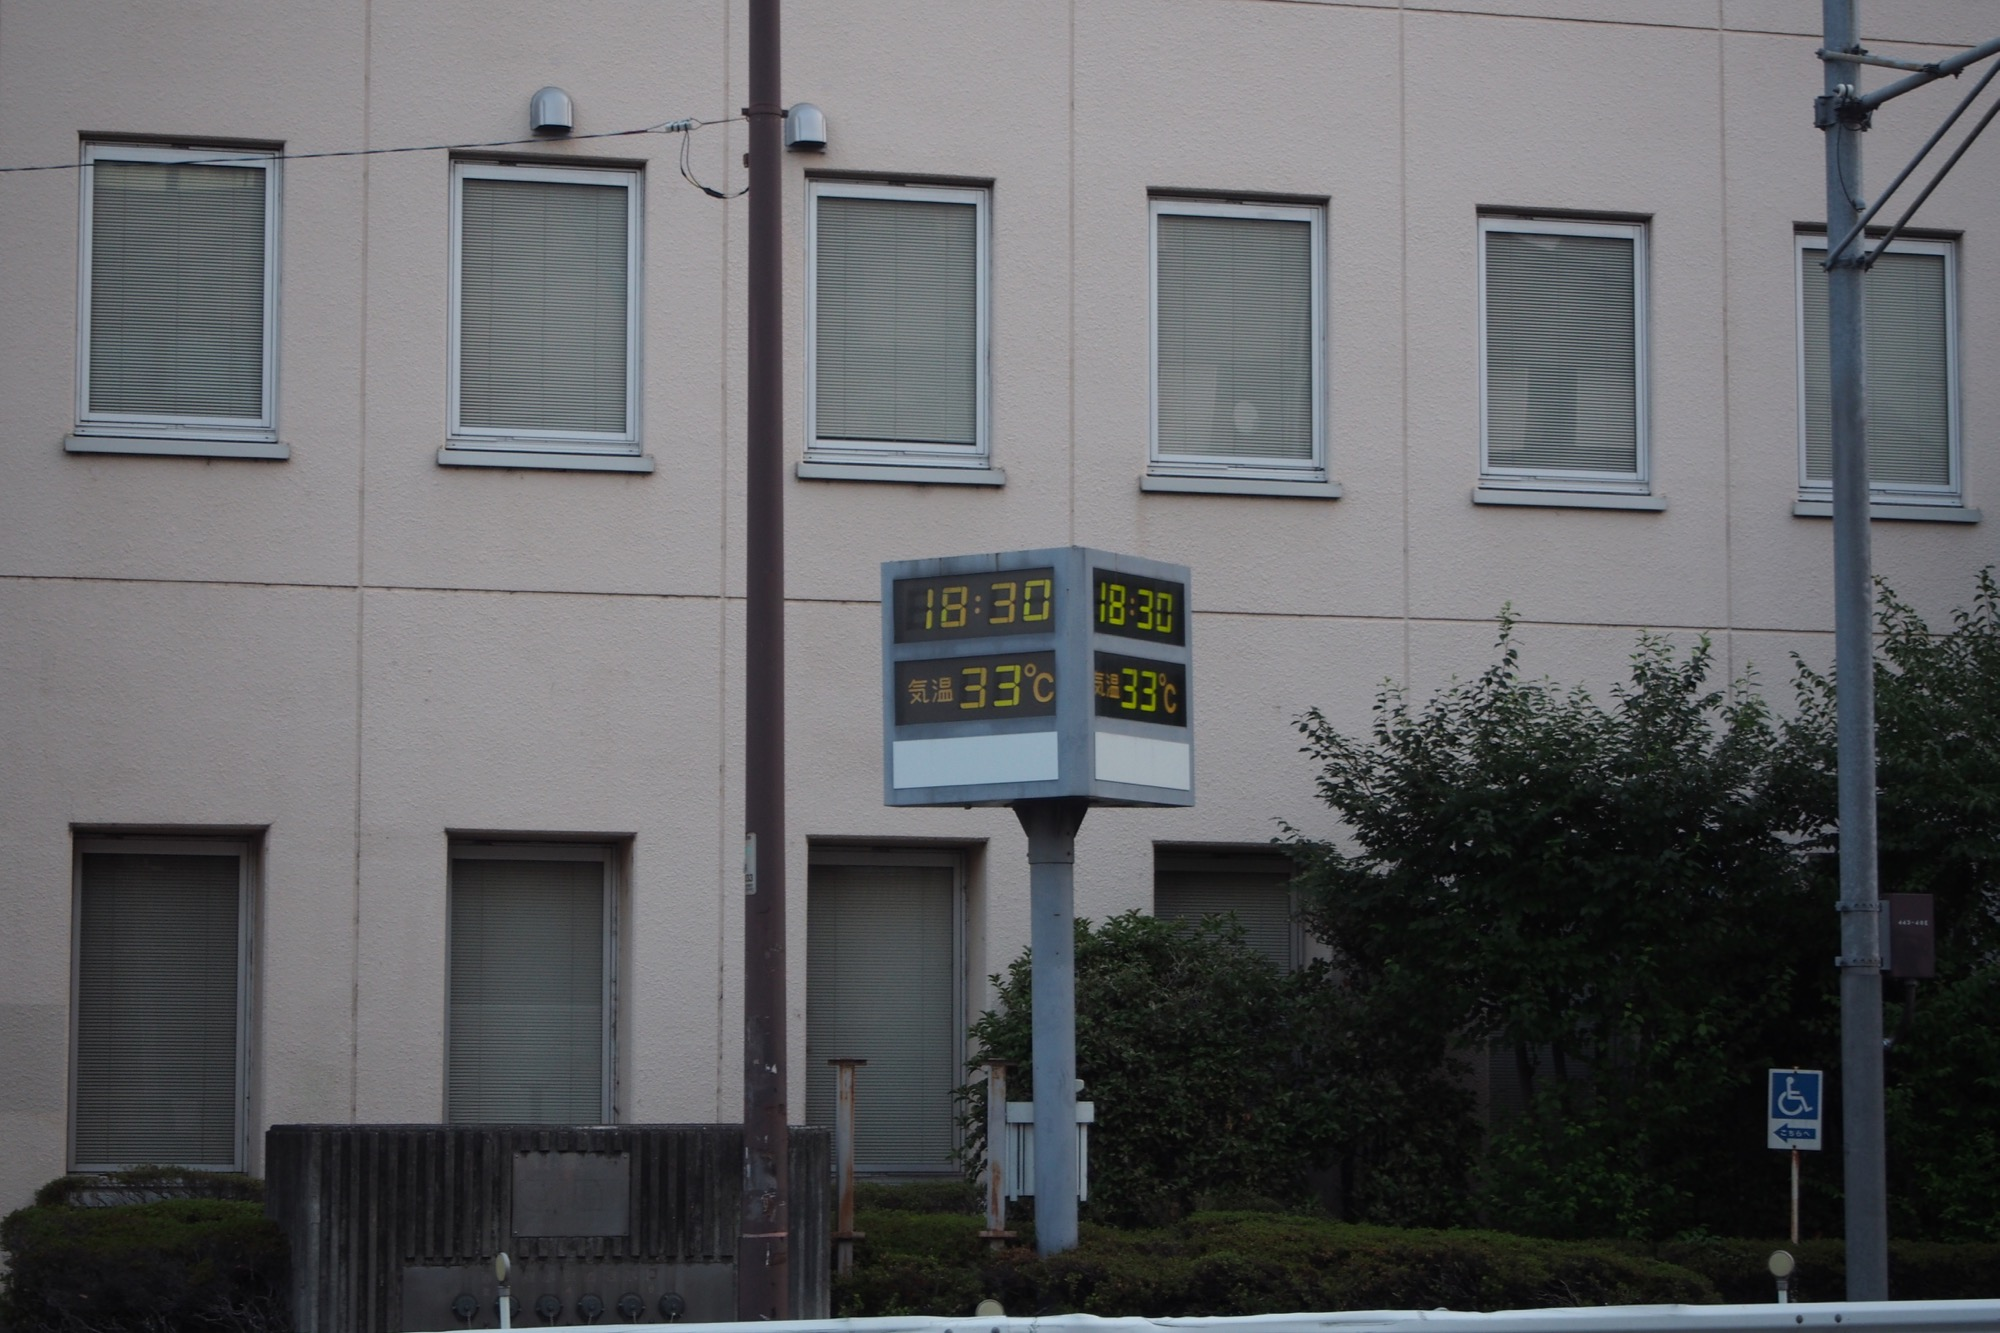 18:30時点でも33度